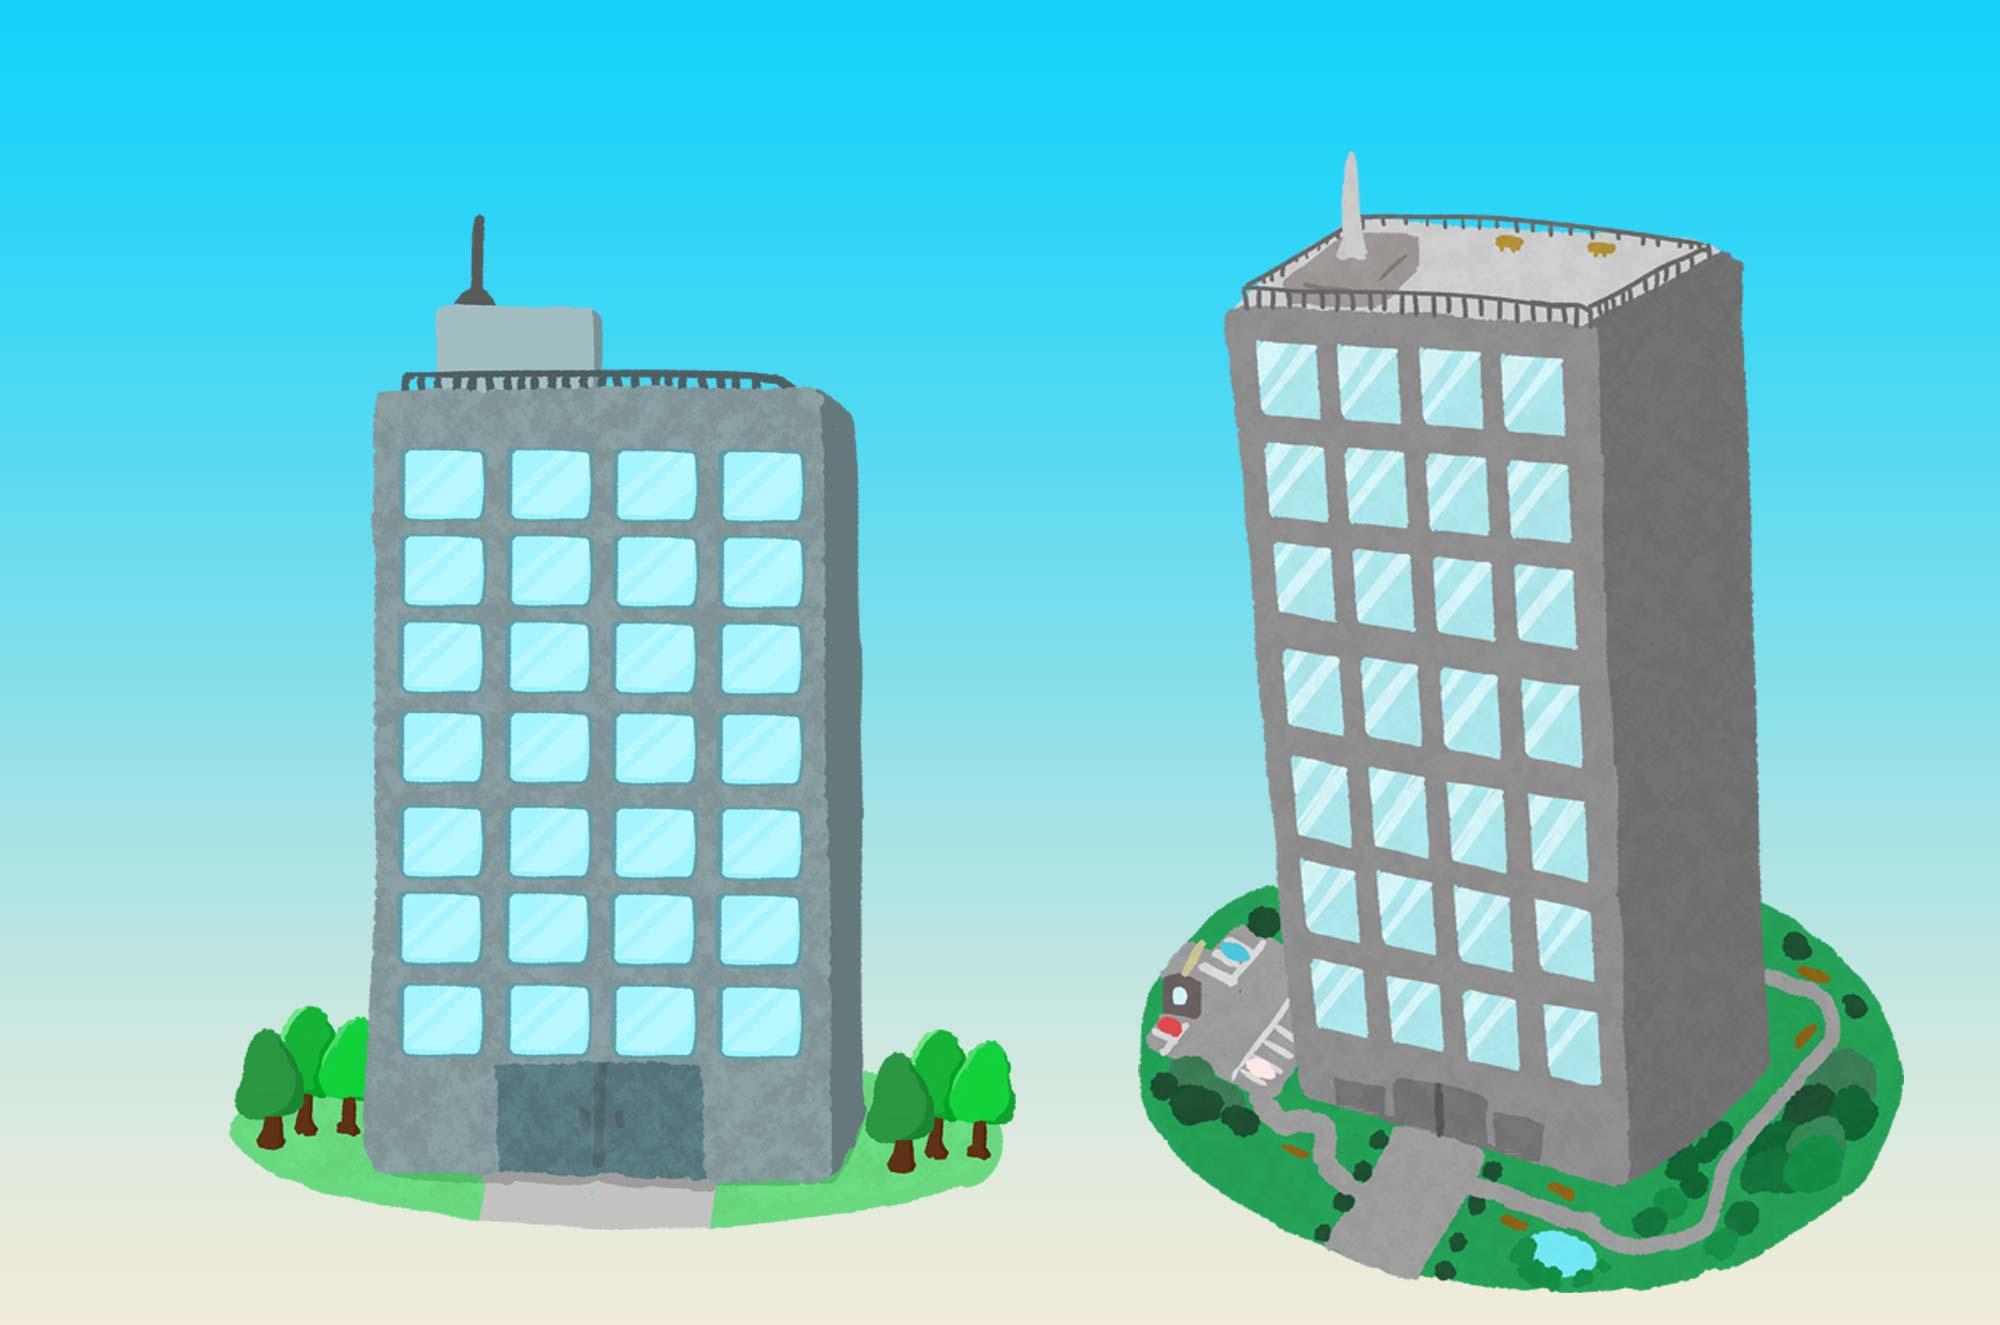 手書きの可愛いビルのイラスト - 会社/企業のイメージに